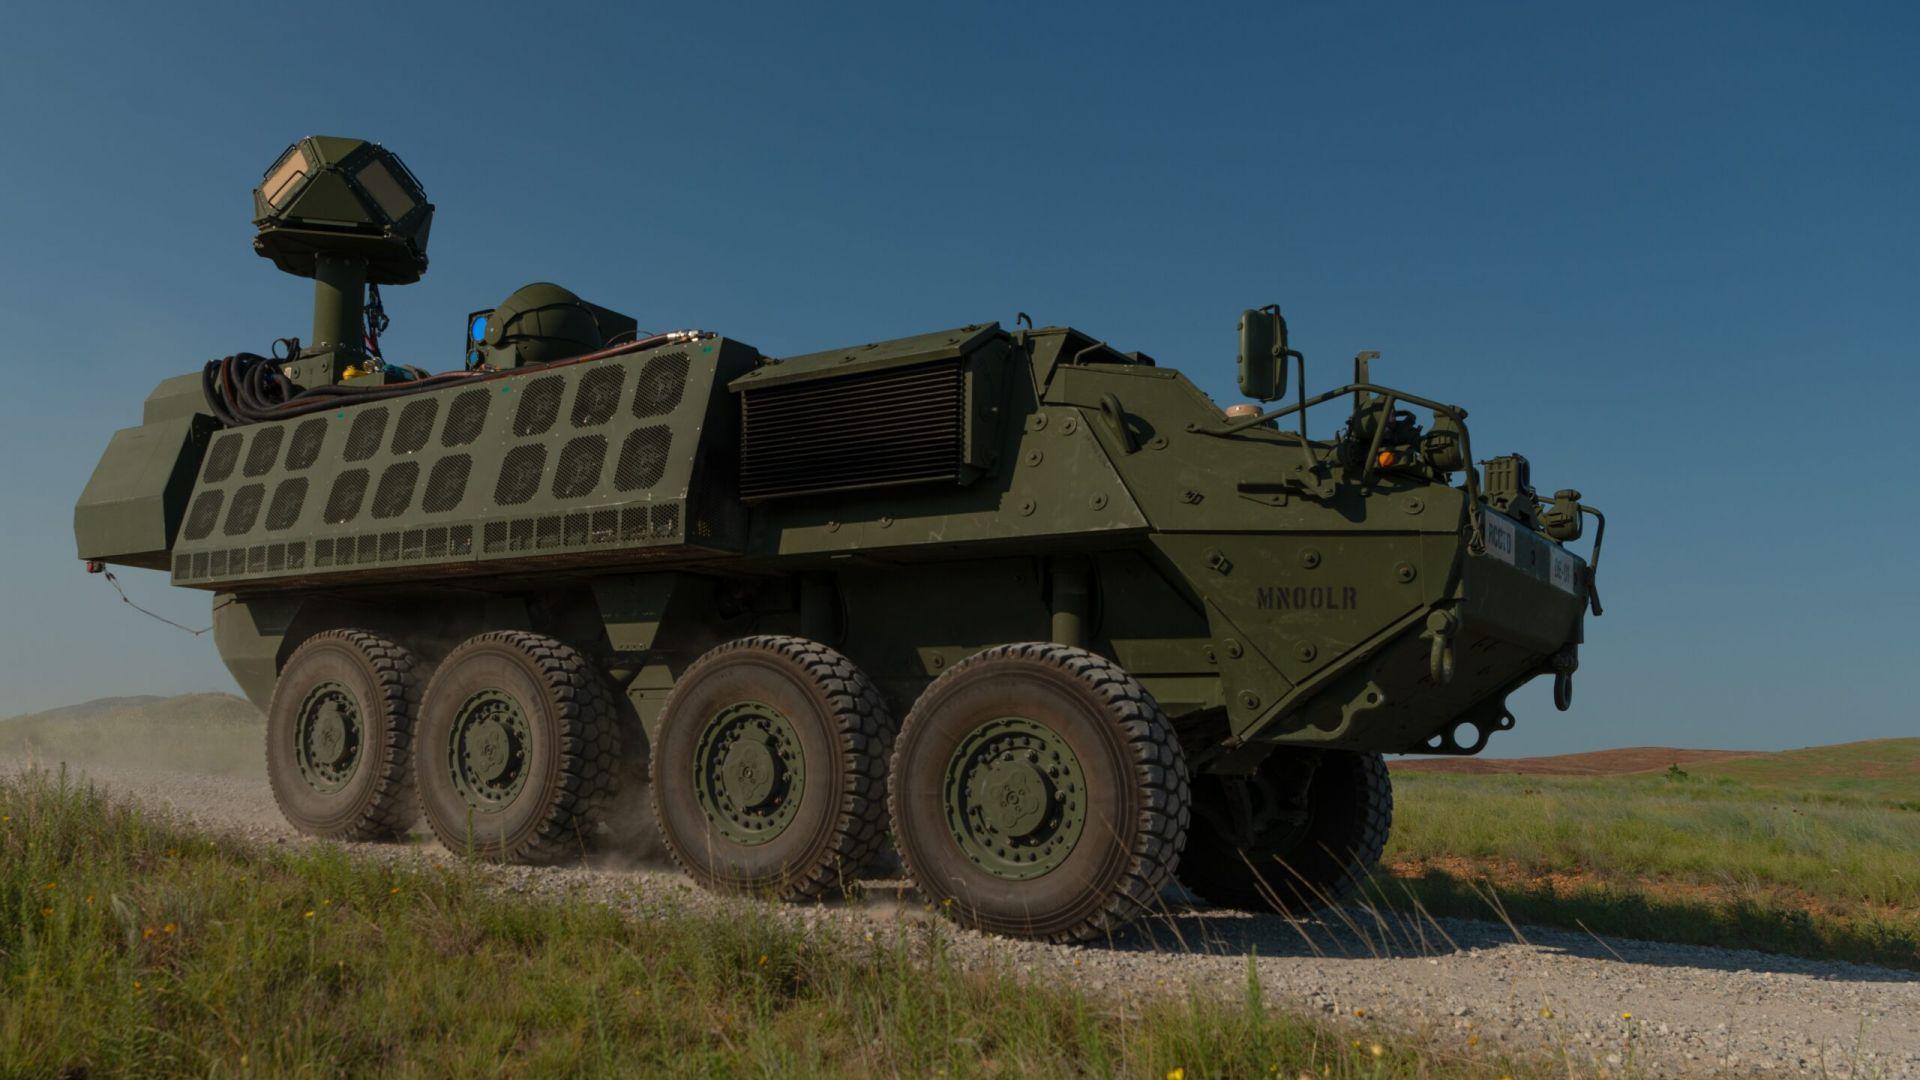 САЩ тества лазерно оръжие, монтирано на бронетранспортьор